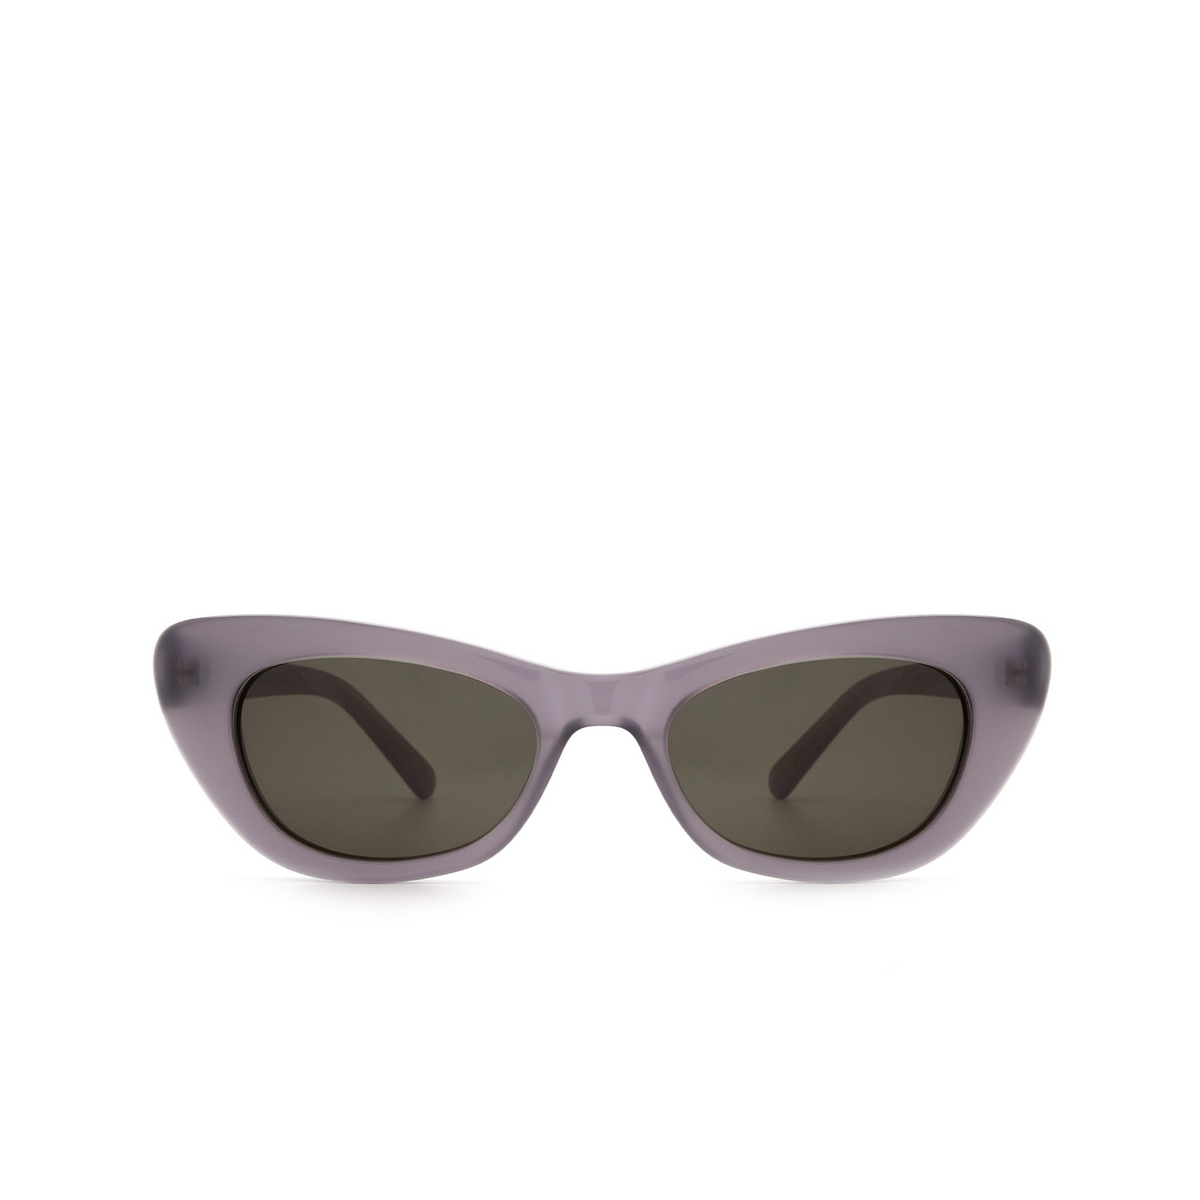 Lesca® Cat-eye Sunglasses: Doro color Gris JO-6 - front view.